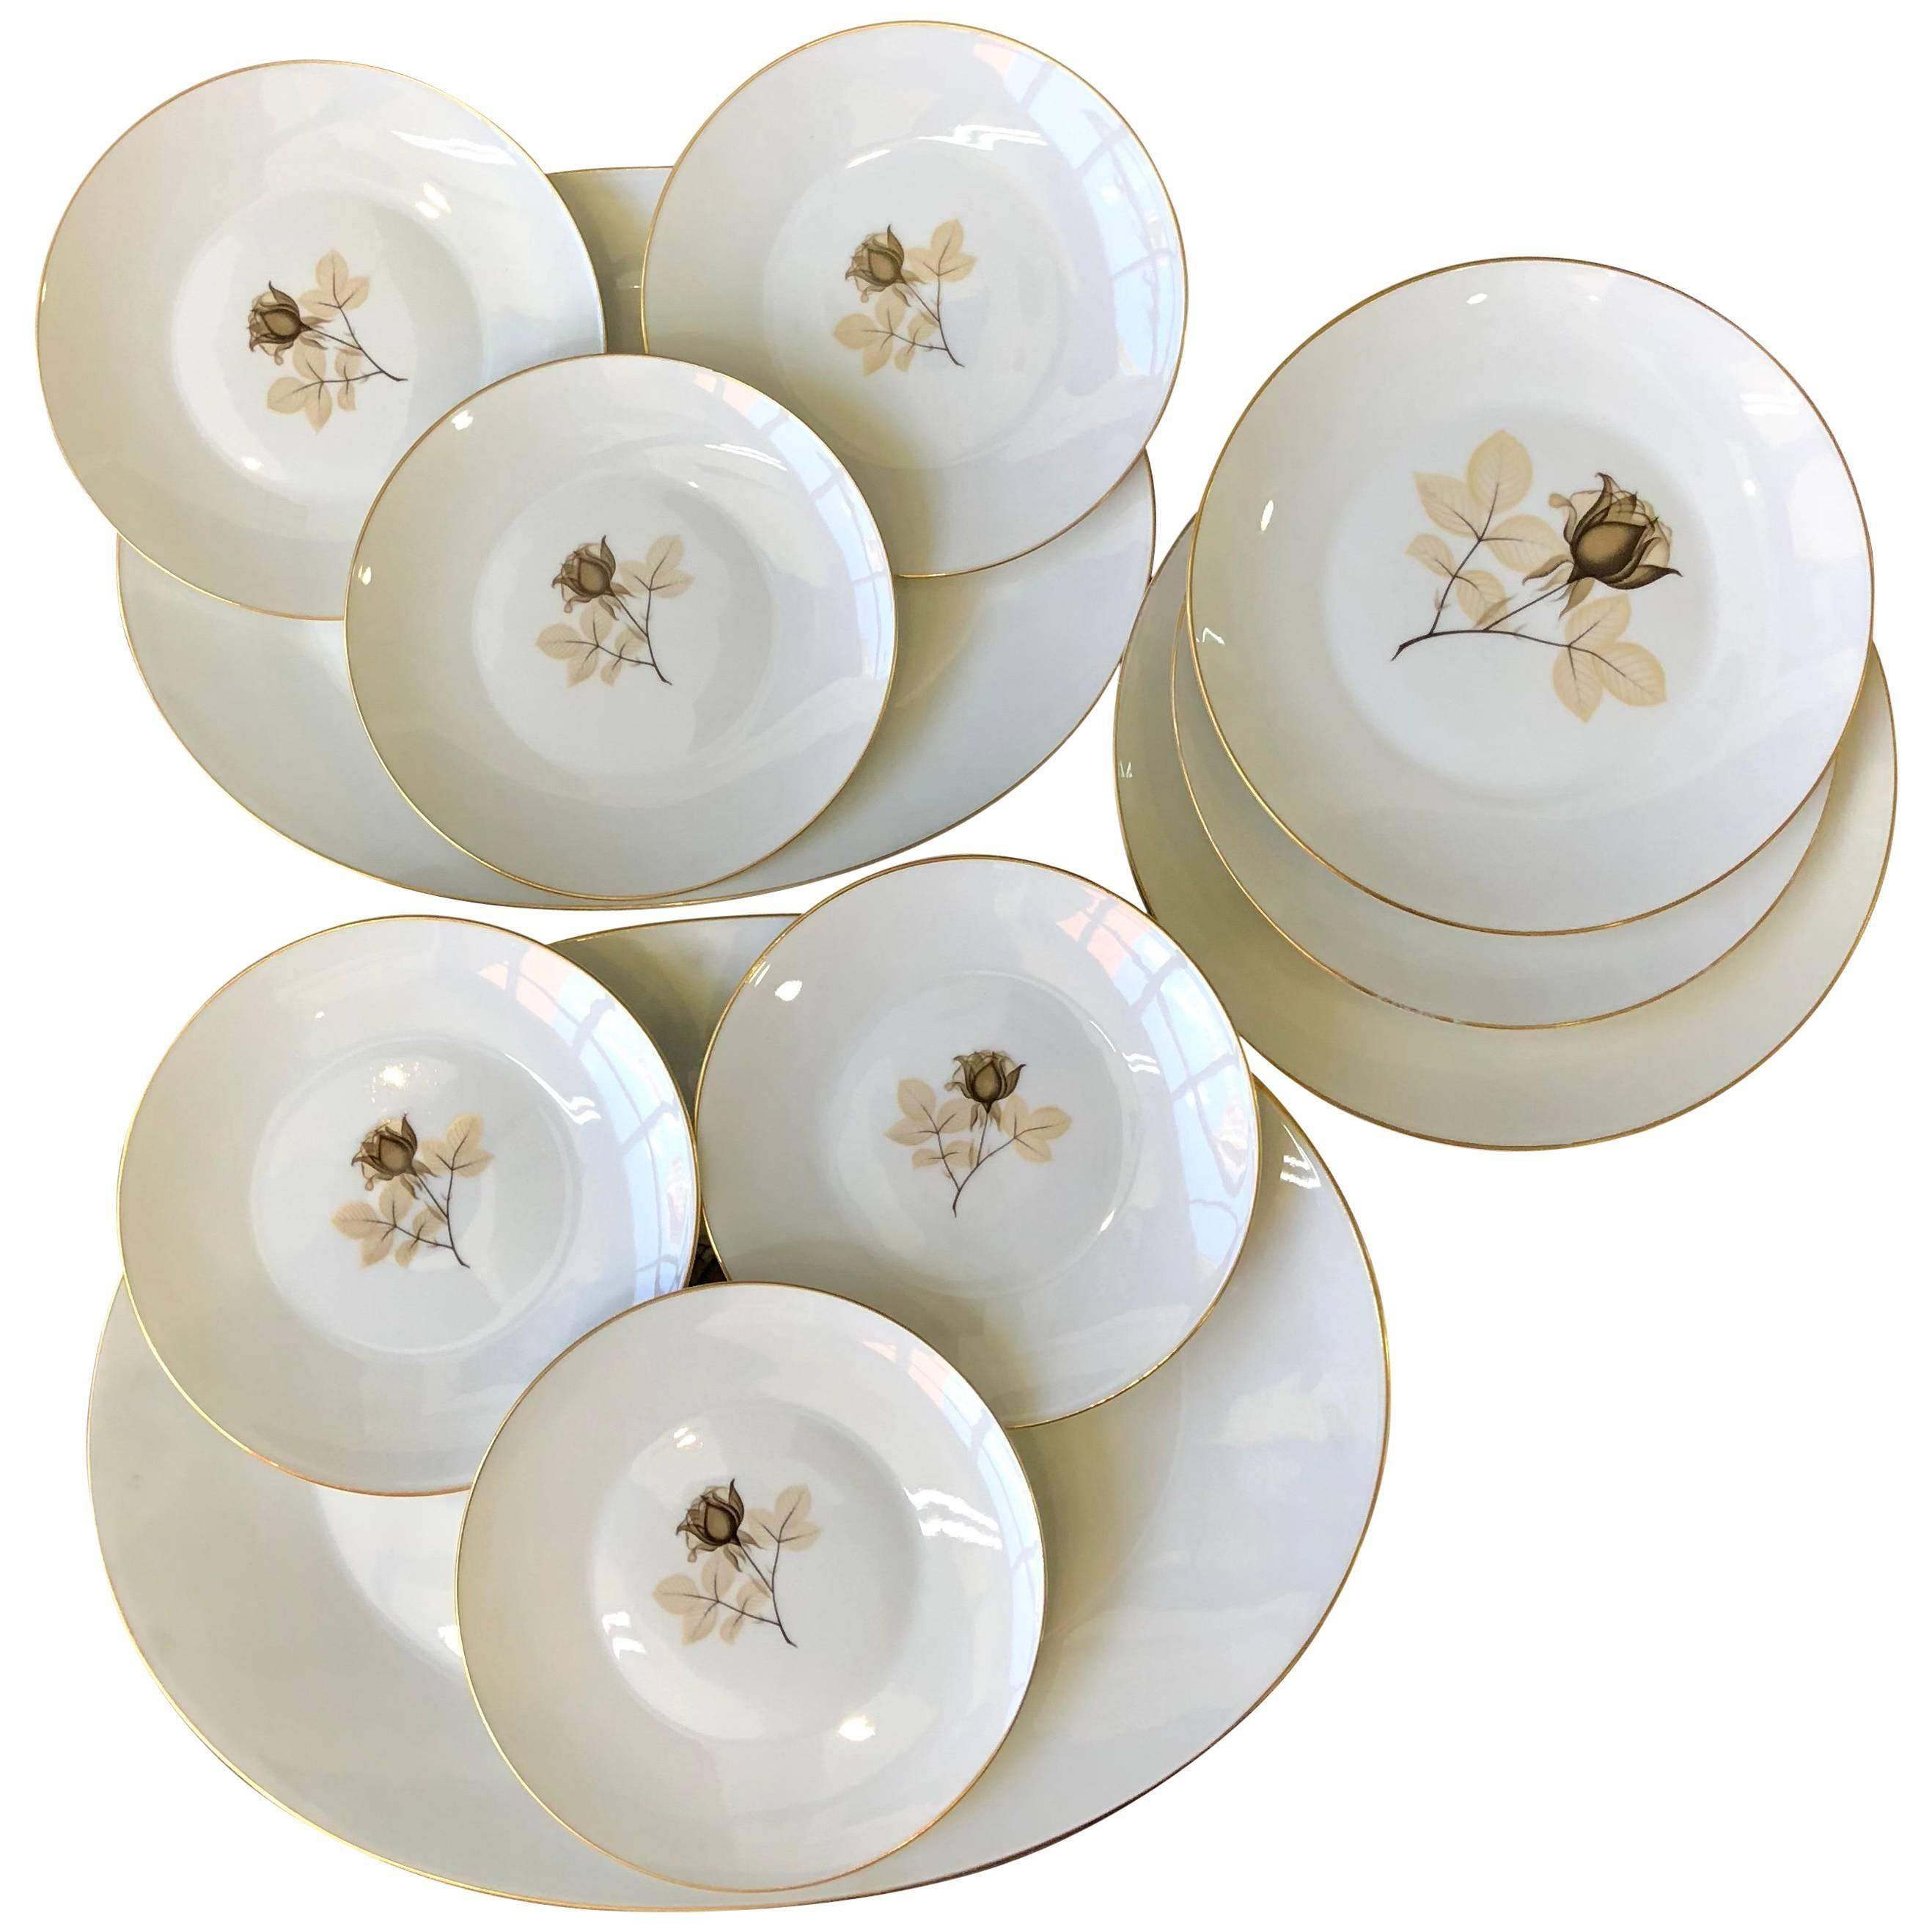 1960s German Flower Porcelain 24-Karat Gold Plates Set of 11 by Rosenthal